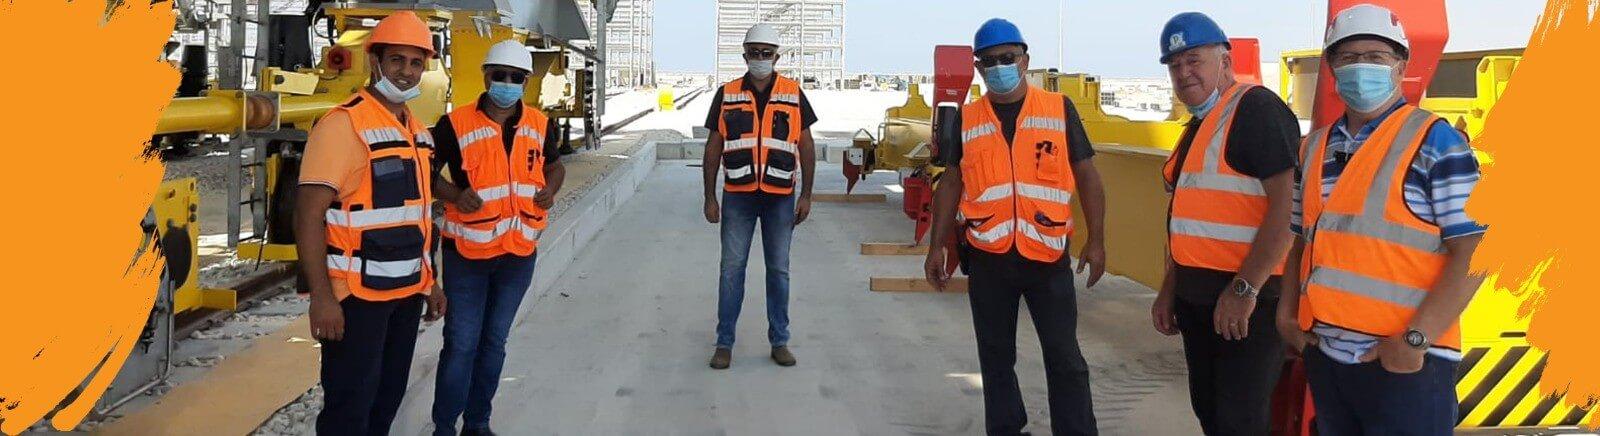 עובדי צמח בטיחות